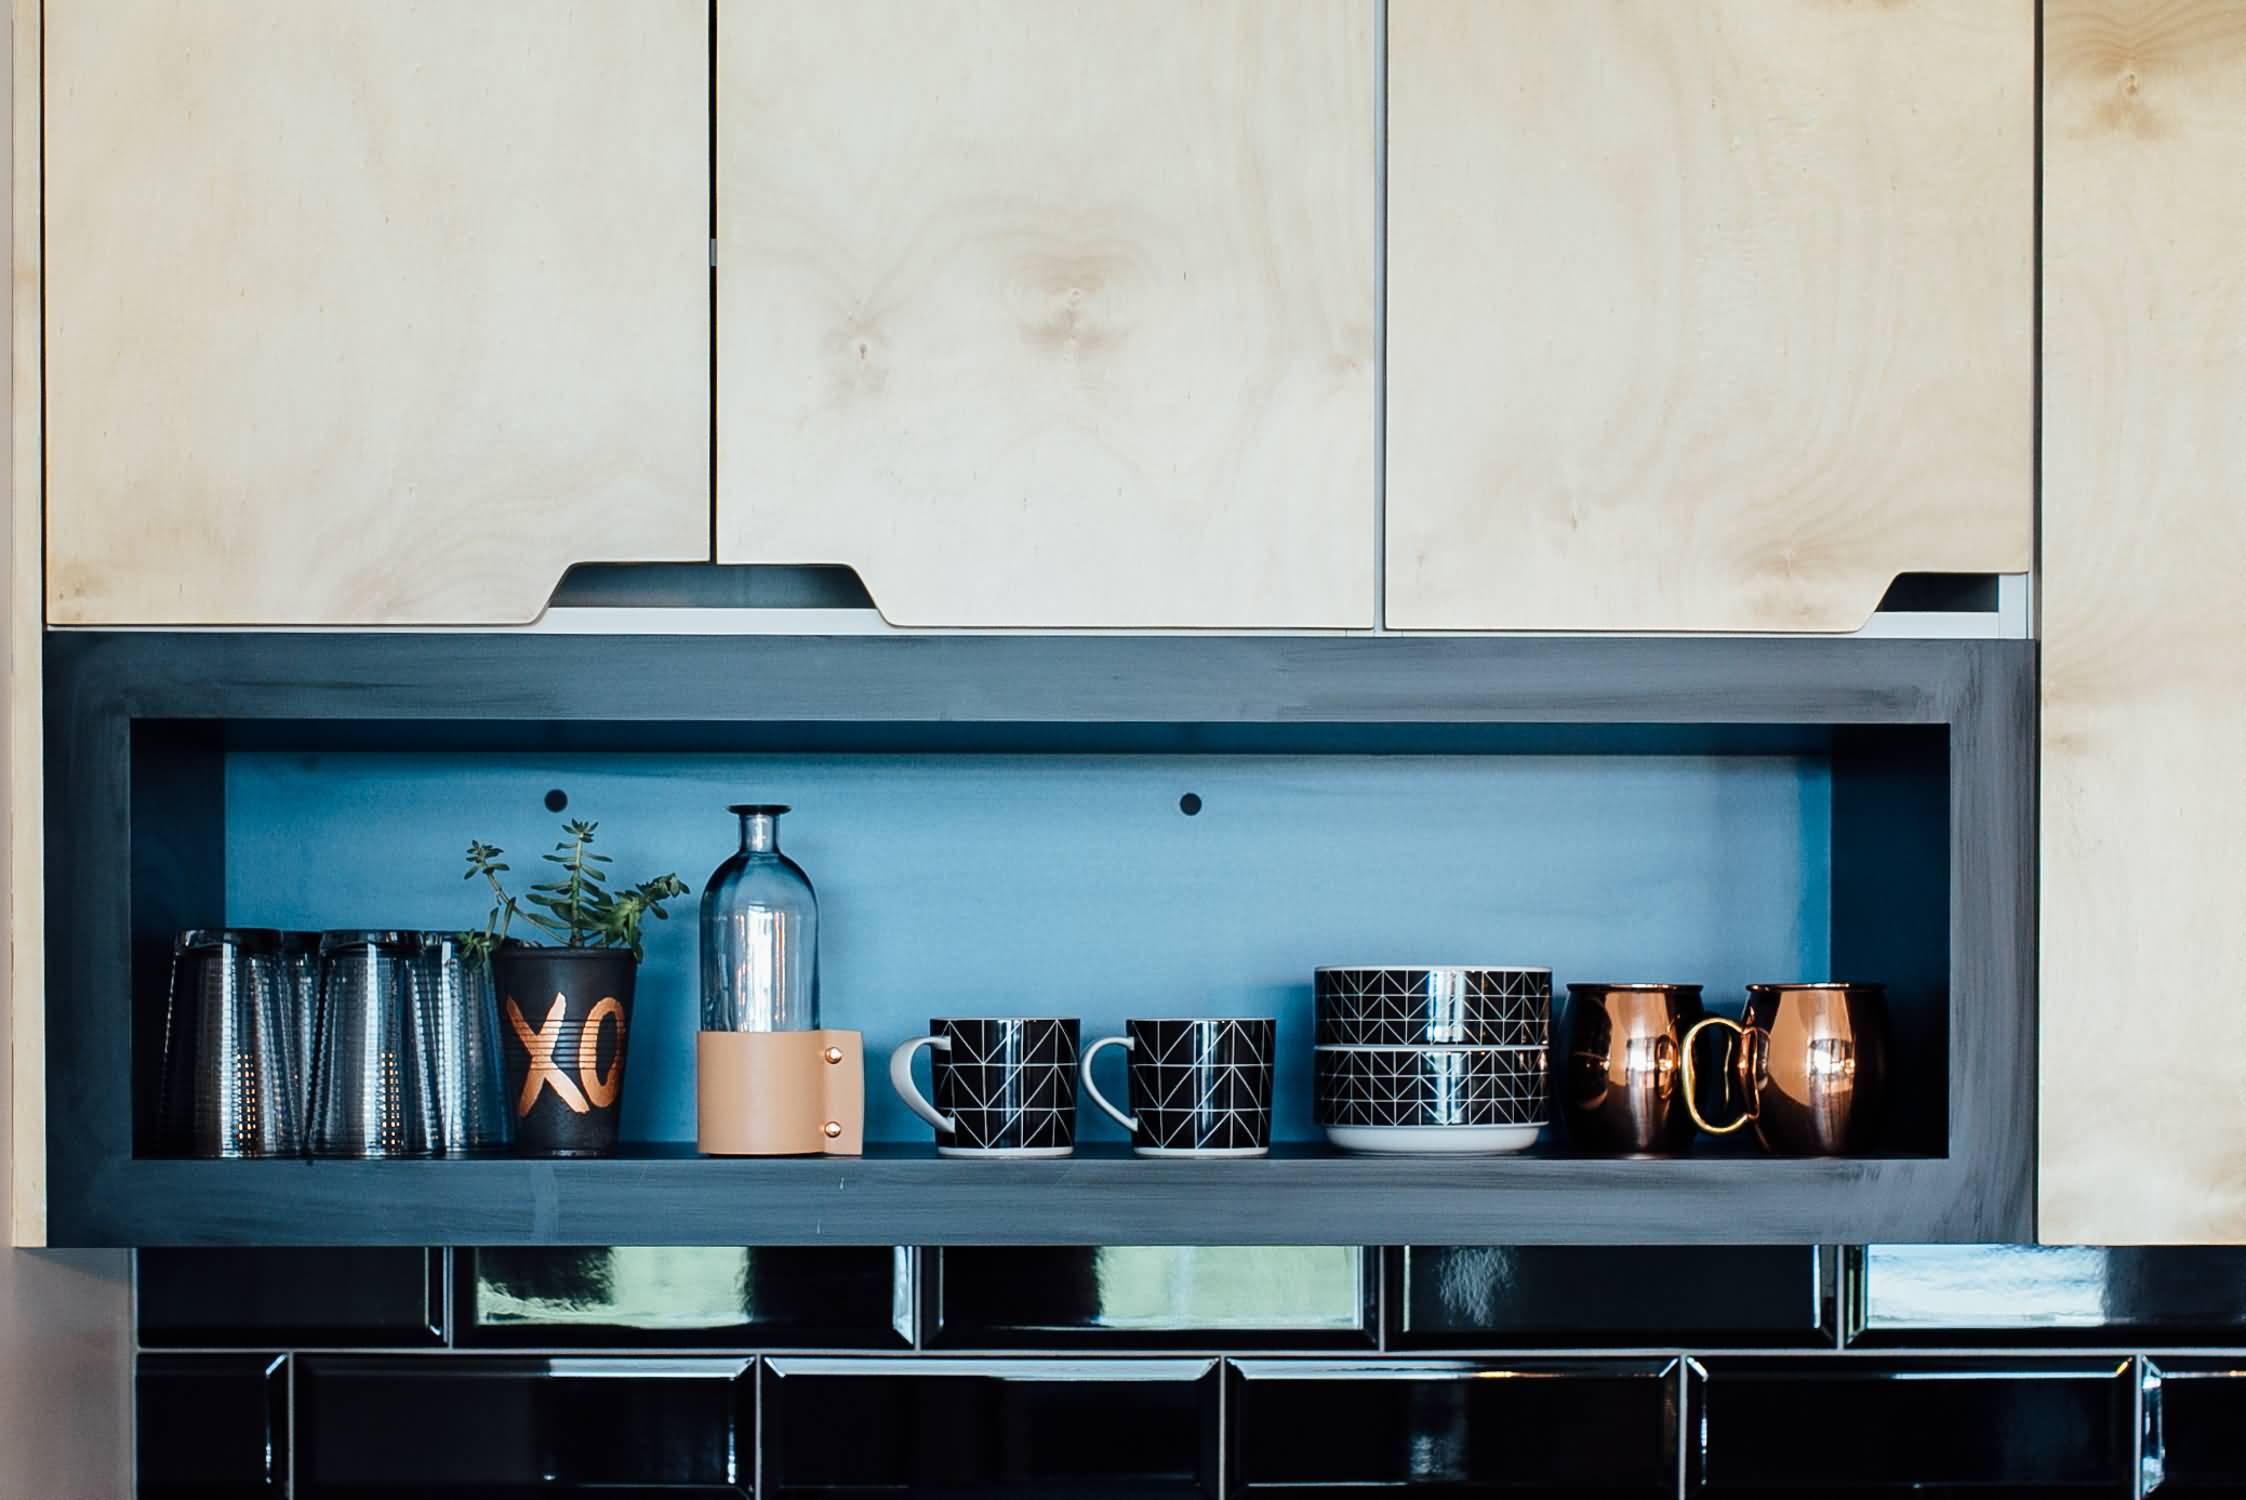 Guymer-bailey-architects-inbox-workspace-interiors-09.JPG